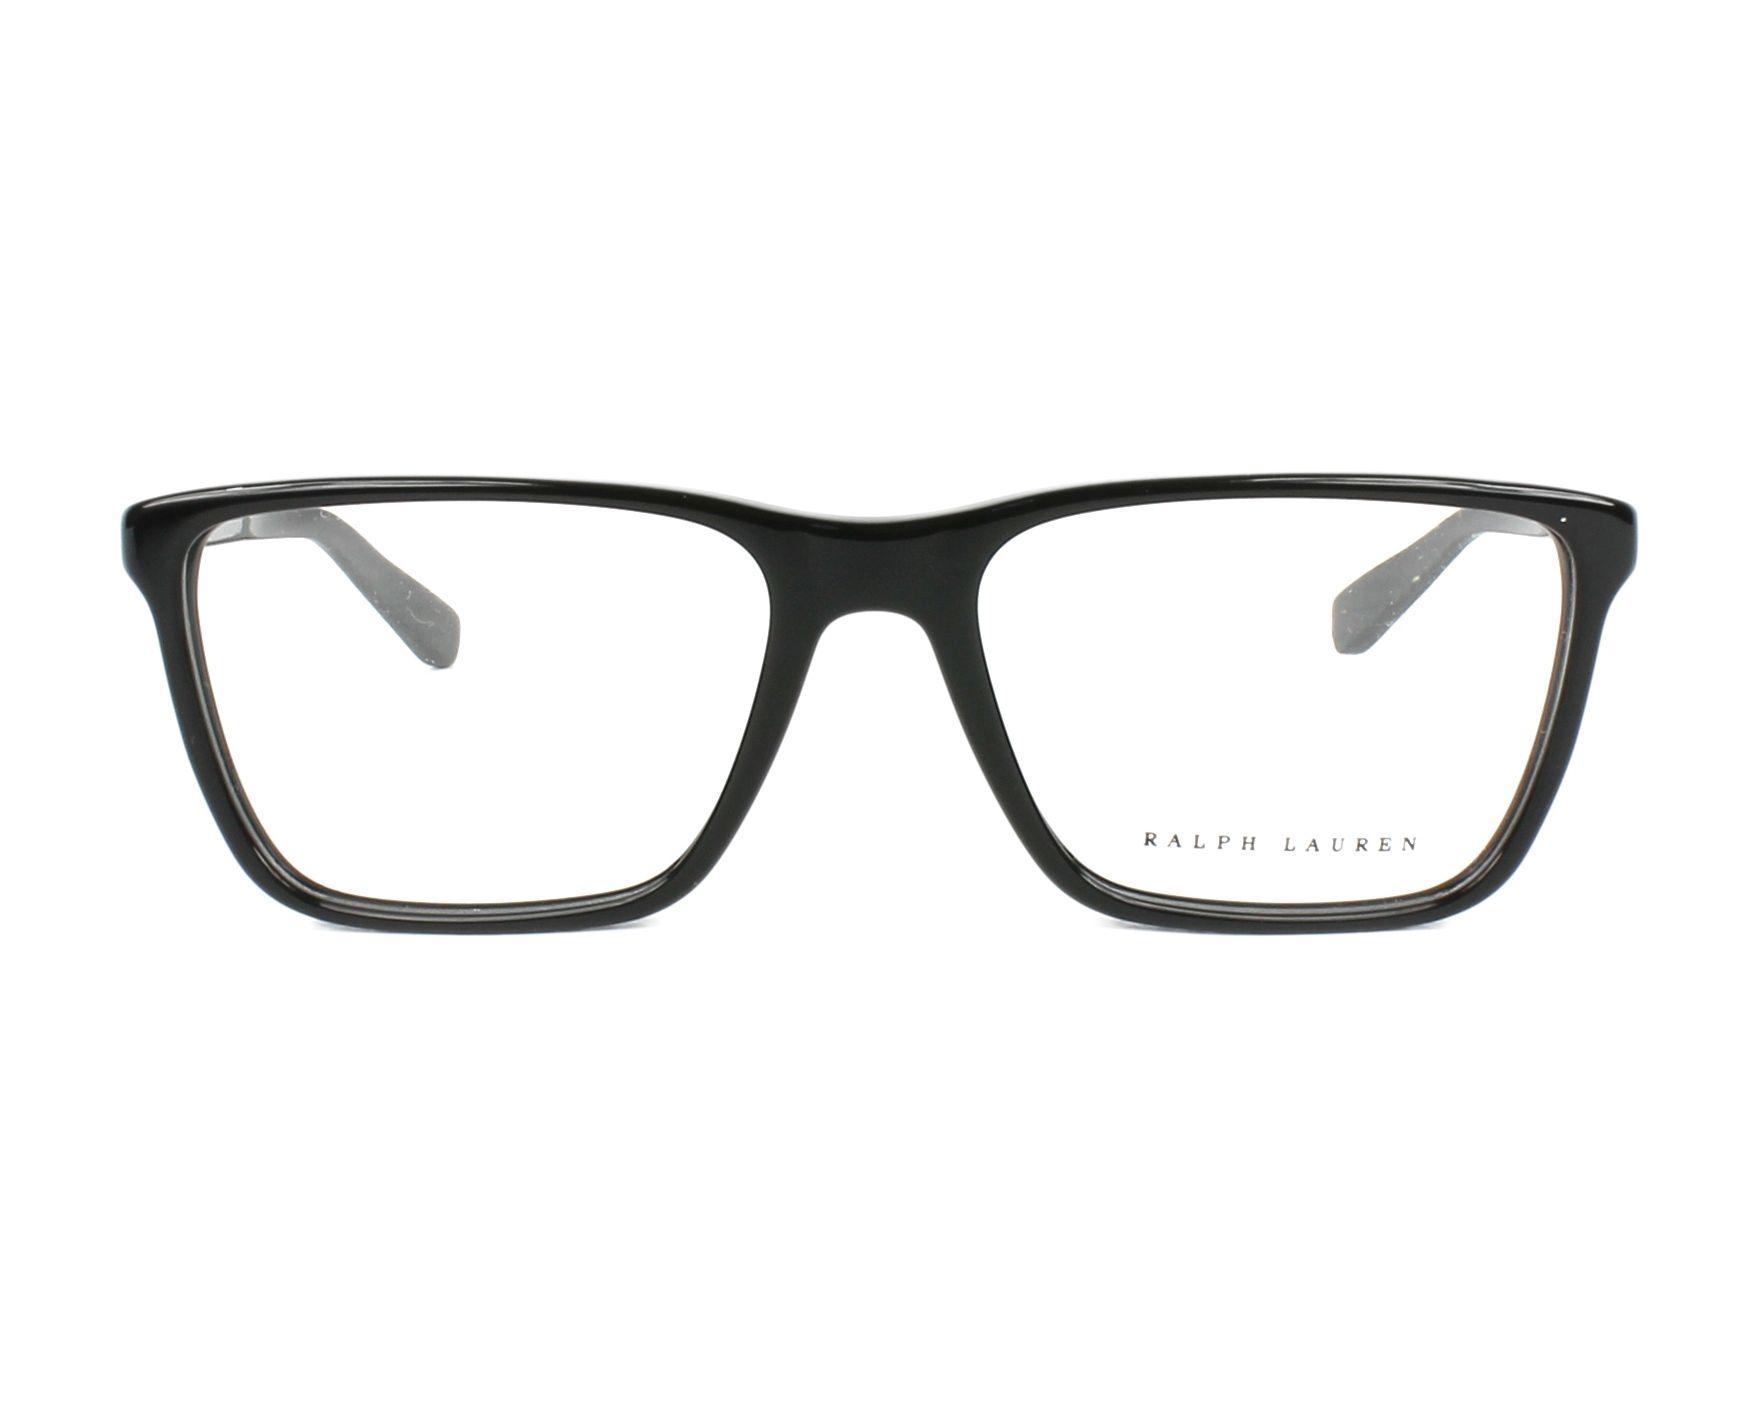 ca5b2168e6 Gafas Graduadas Ralph Lauren RL-6163 5001 53-17 Negra Carbon vista de frente